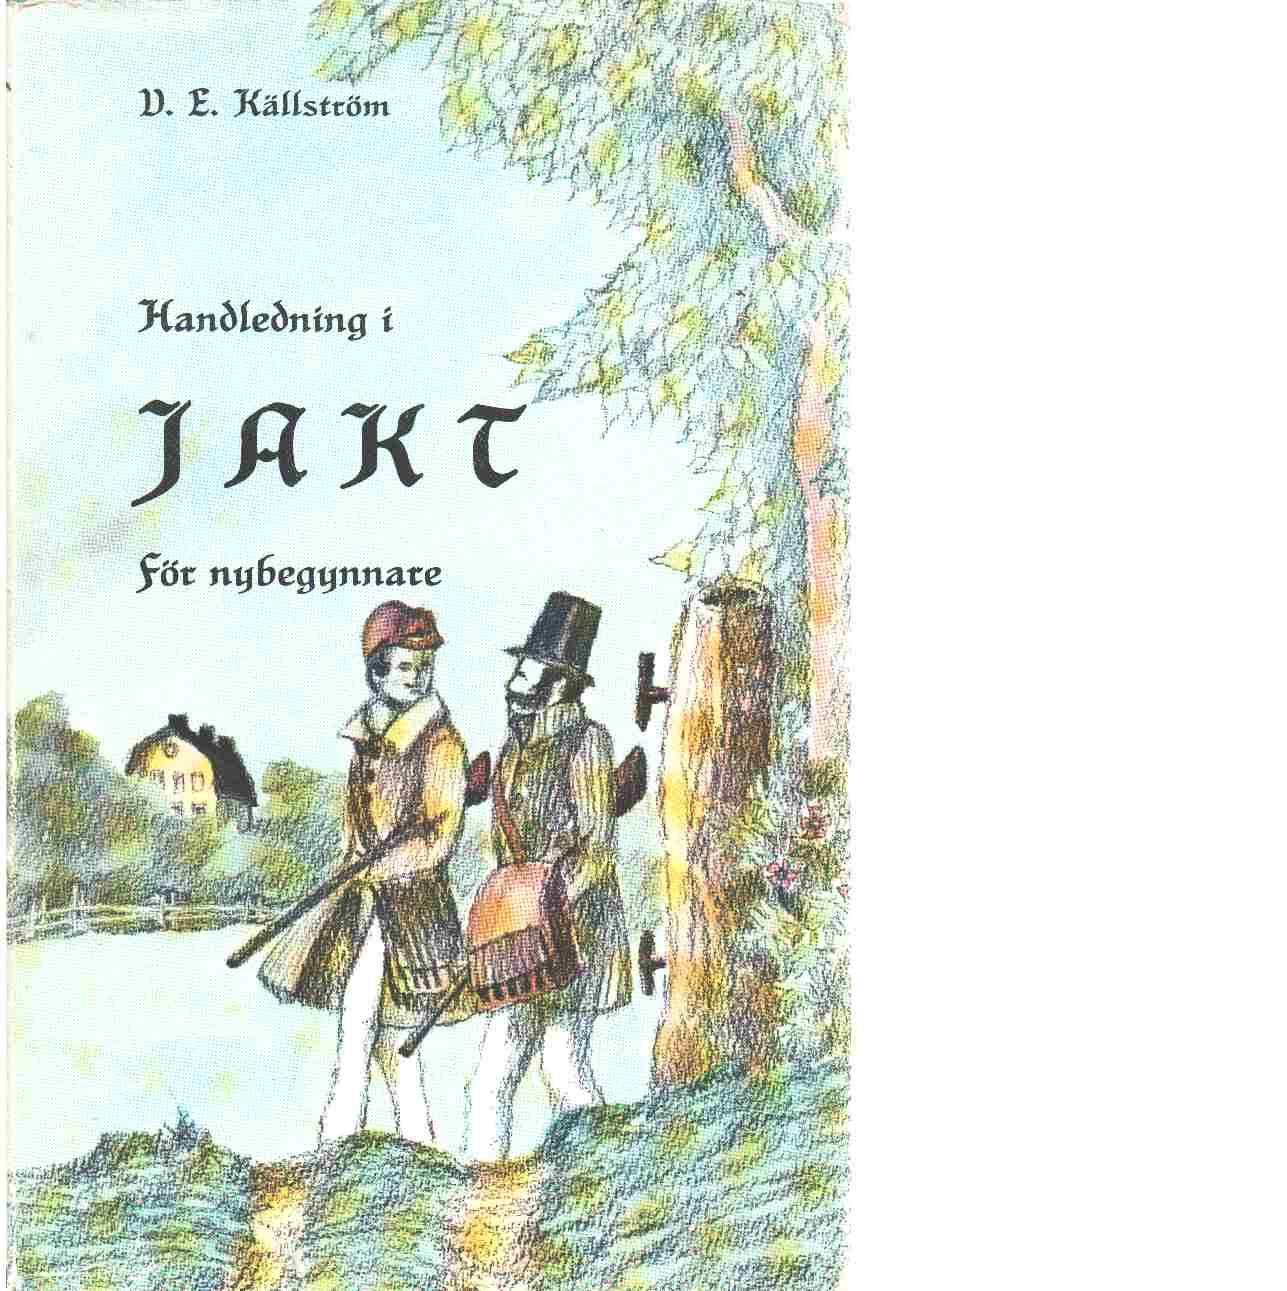 Handledning i jakt för nybegynnare - Källström, Vilhelm Emanuel